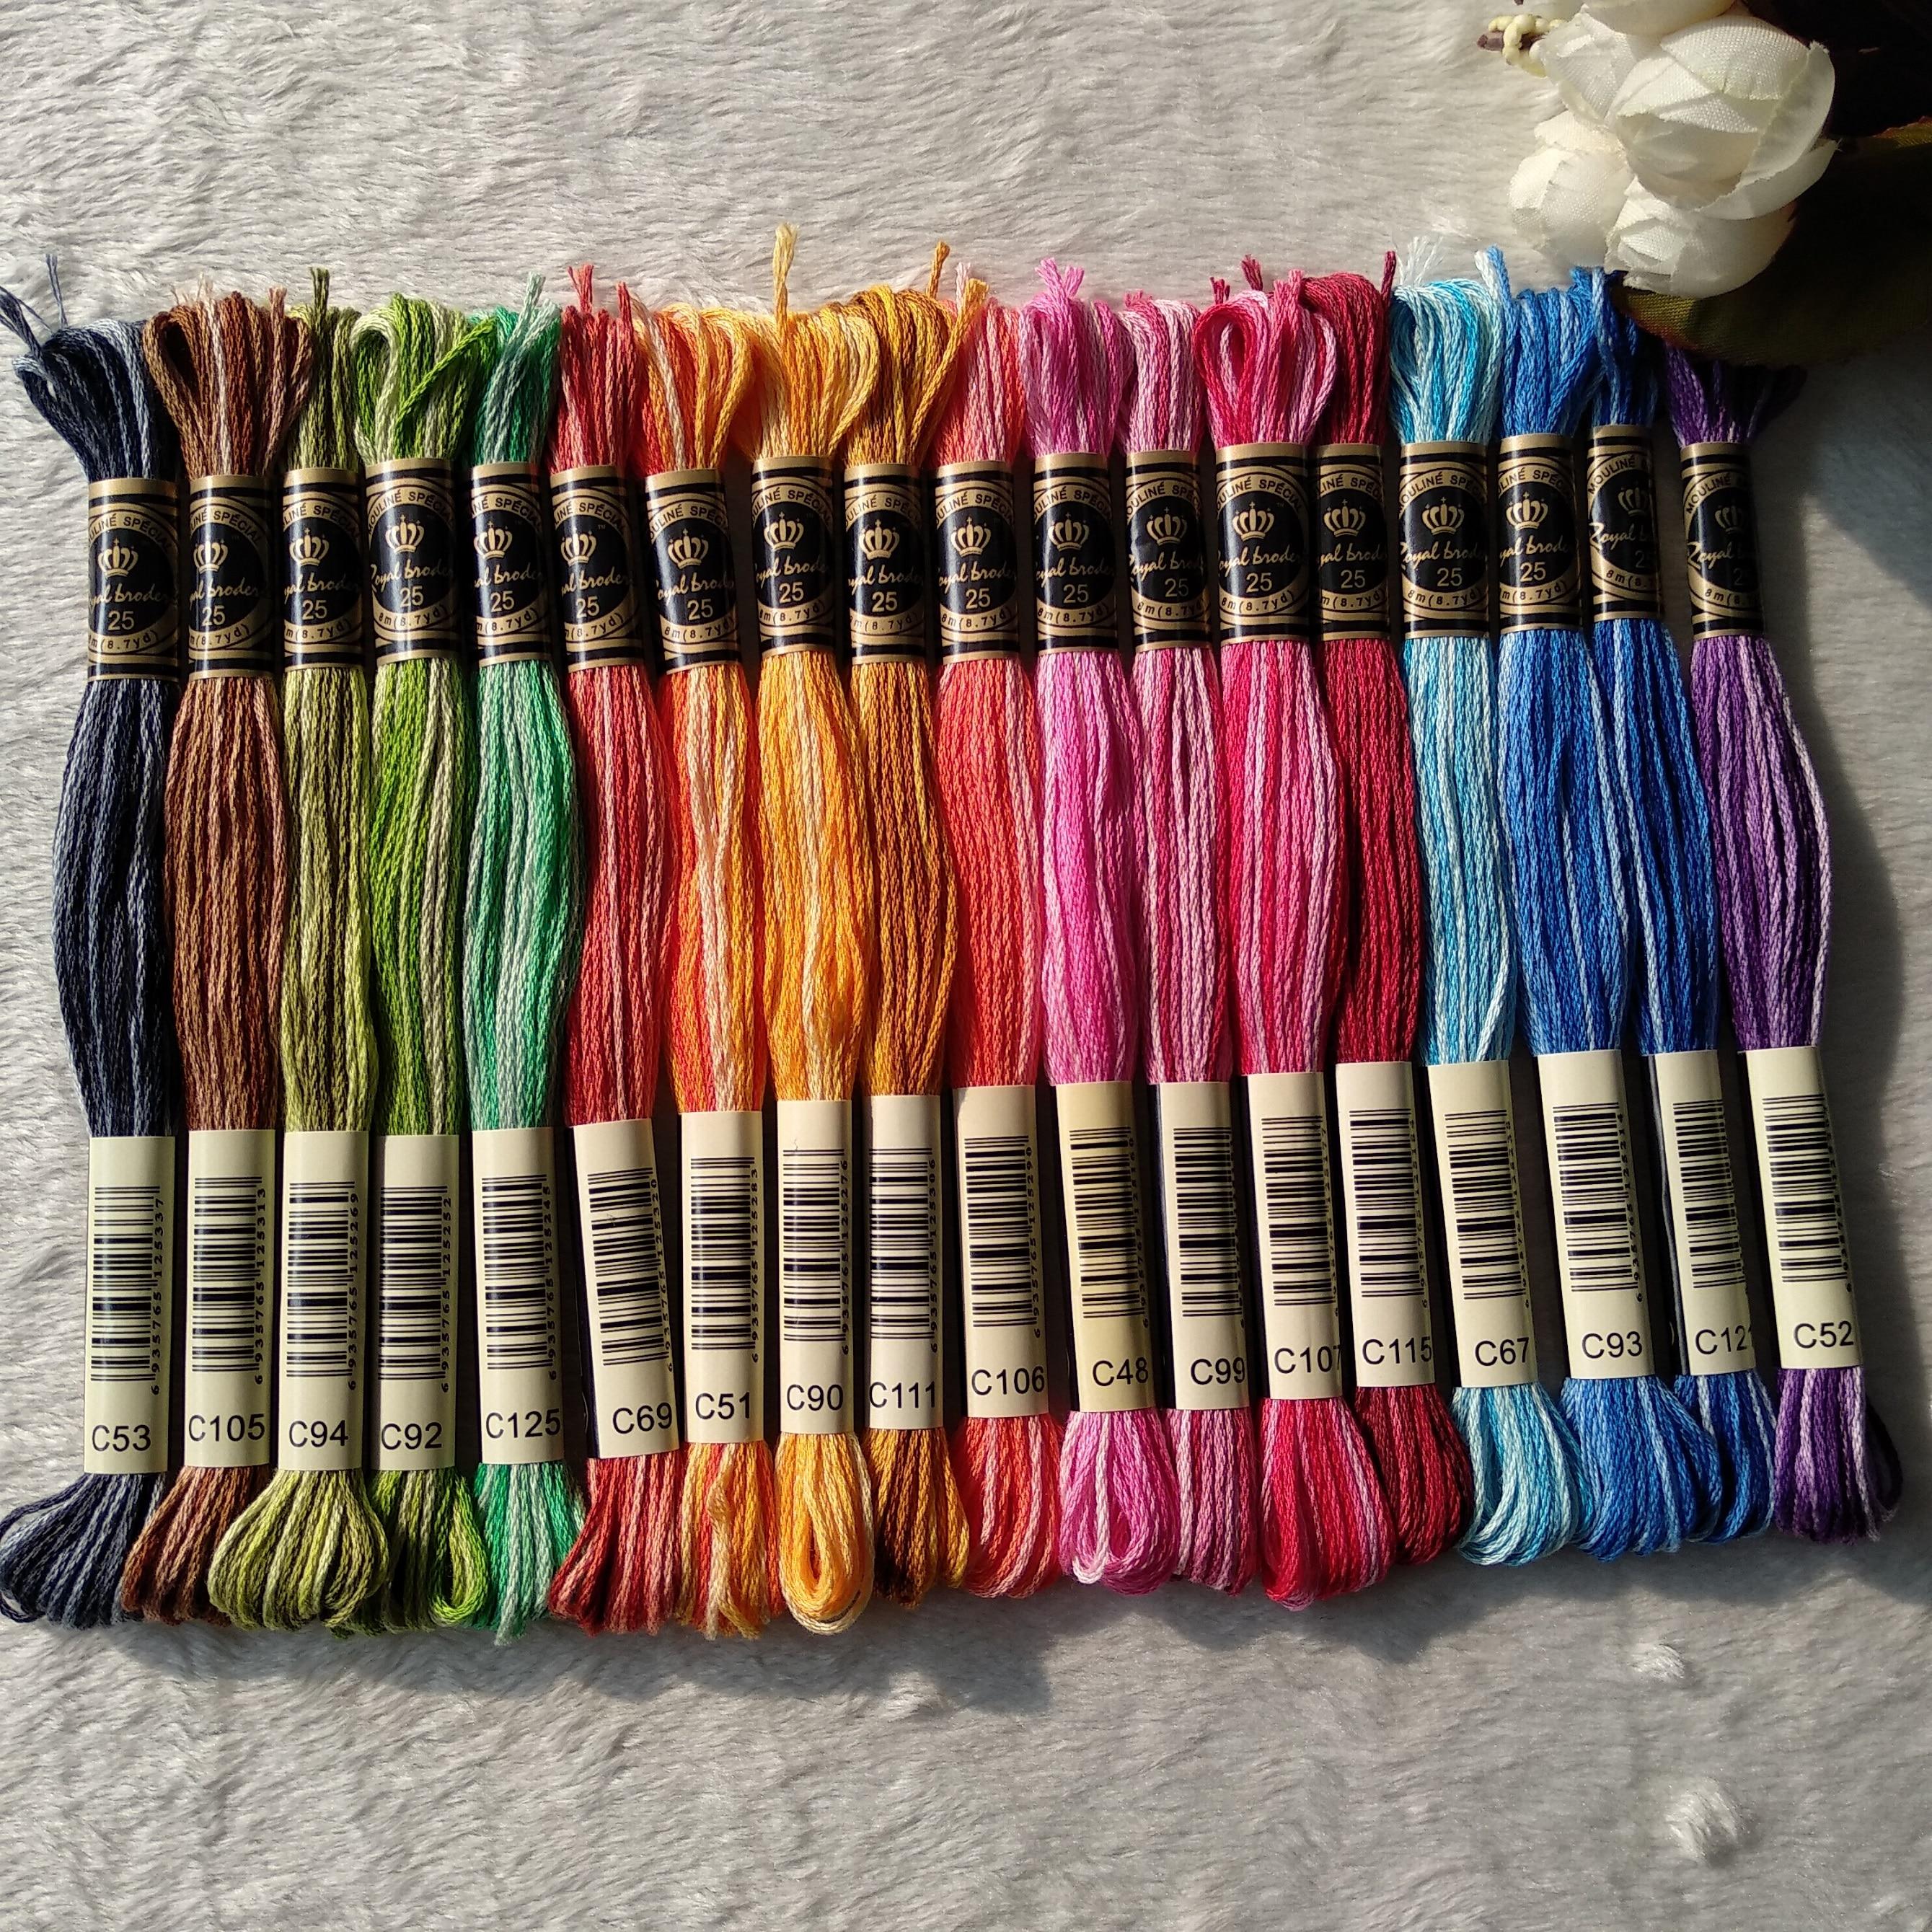 Hilo de punto de cruz de algodón con grapas largas egipcio Royalbroderie, bordado a mano, 18 colores teñidos con espacio, artesanías tejidas, hilos de hilo dental